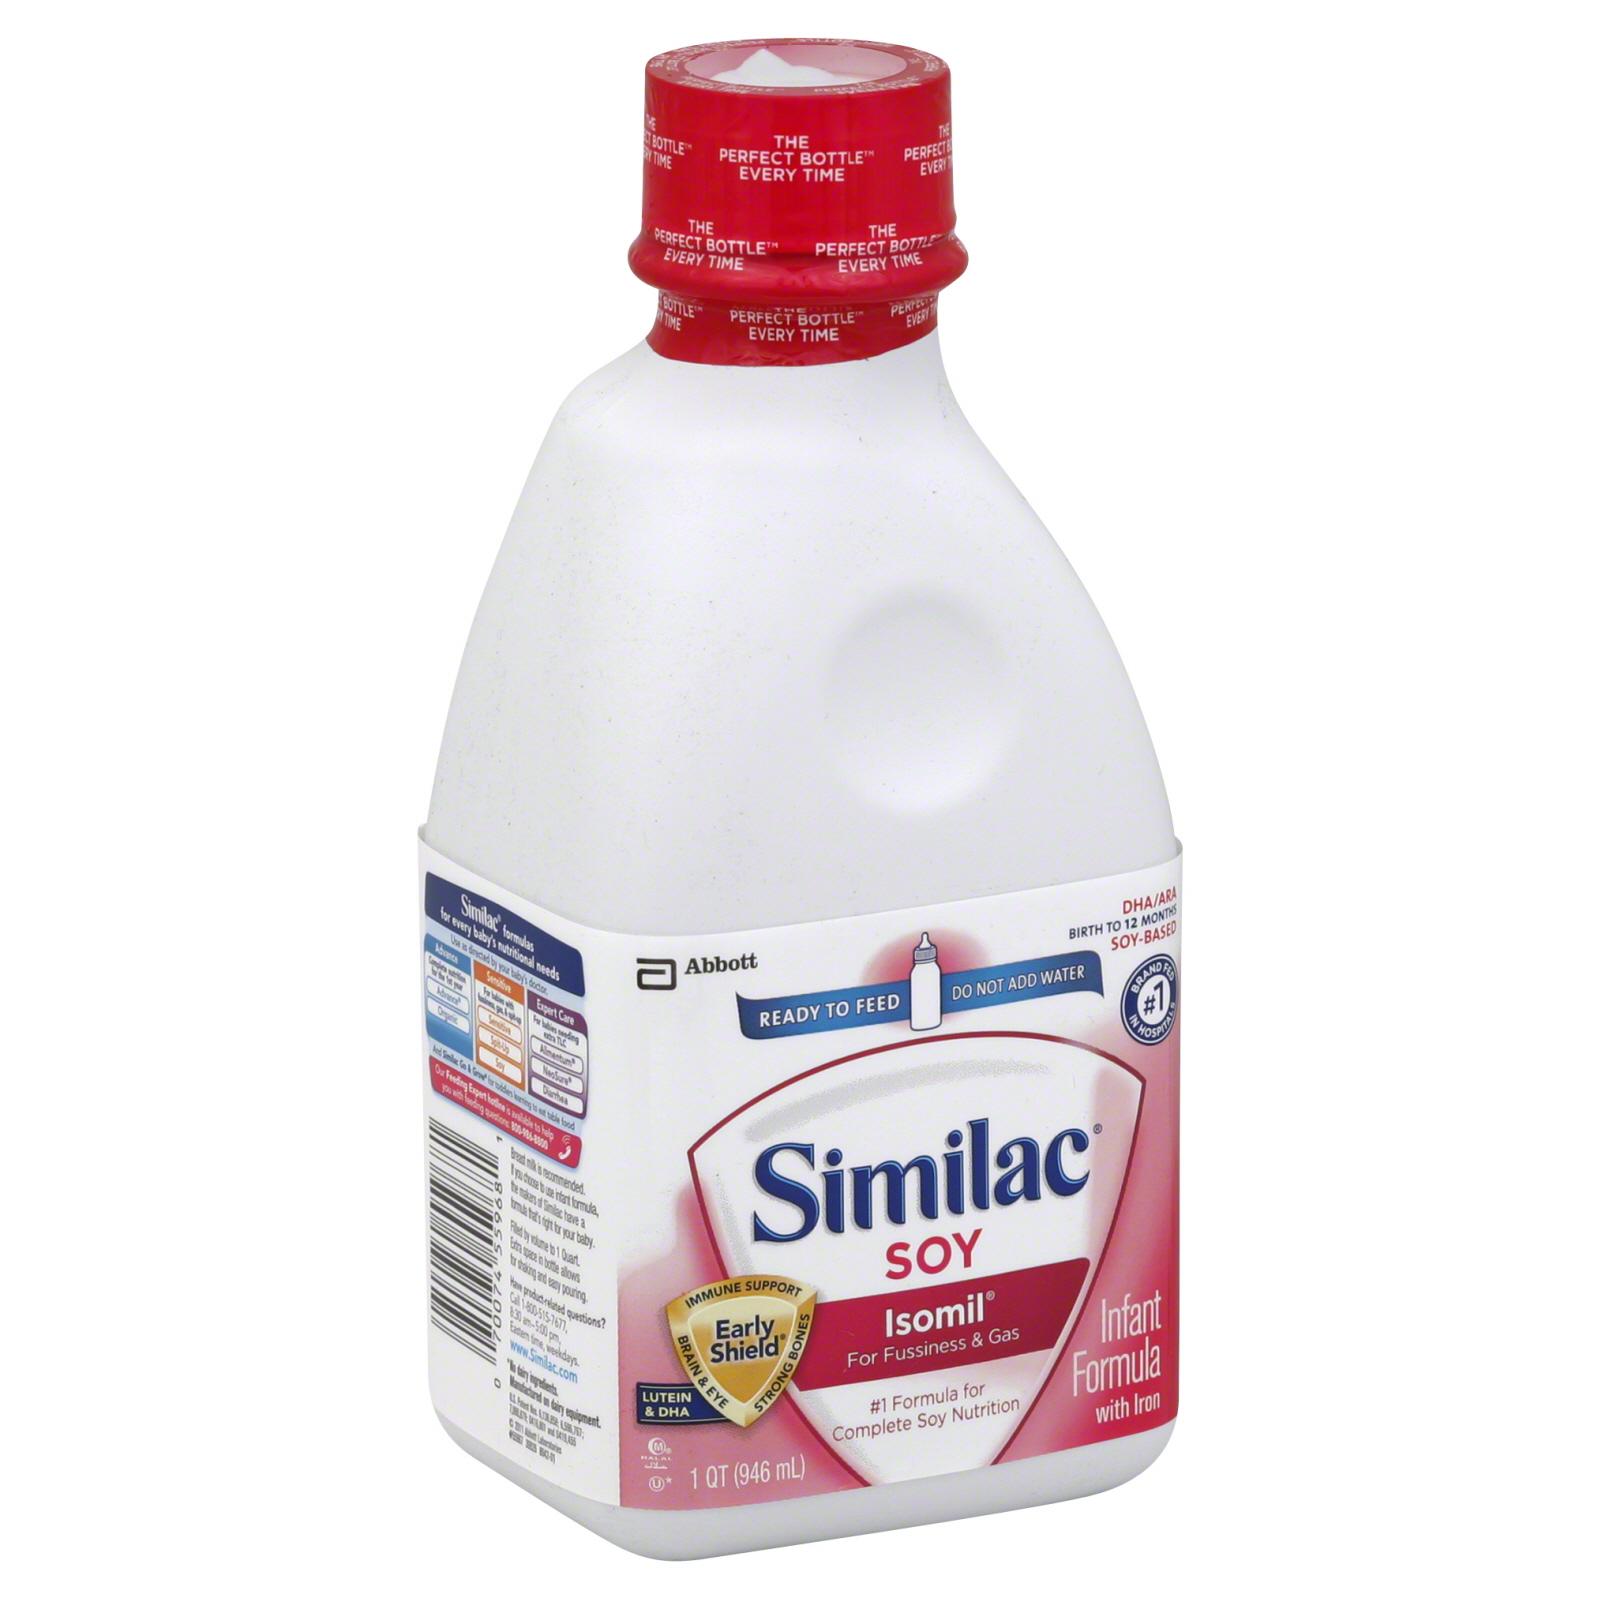 Similac Soy Ready to Feed Formula